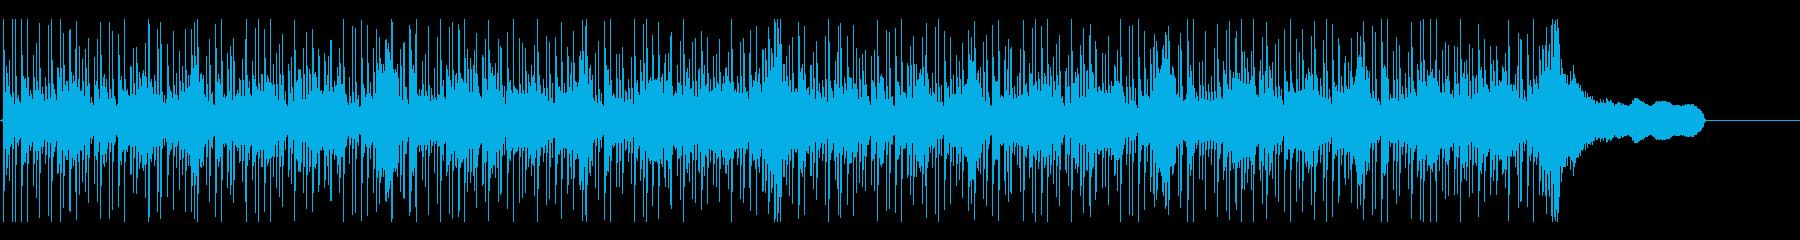 ショートBGM:シリアス・クールの再生済みの波形